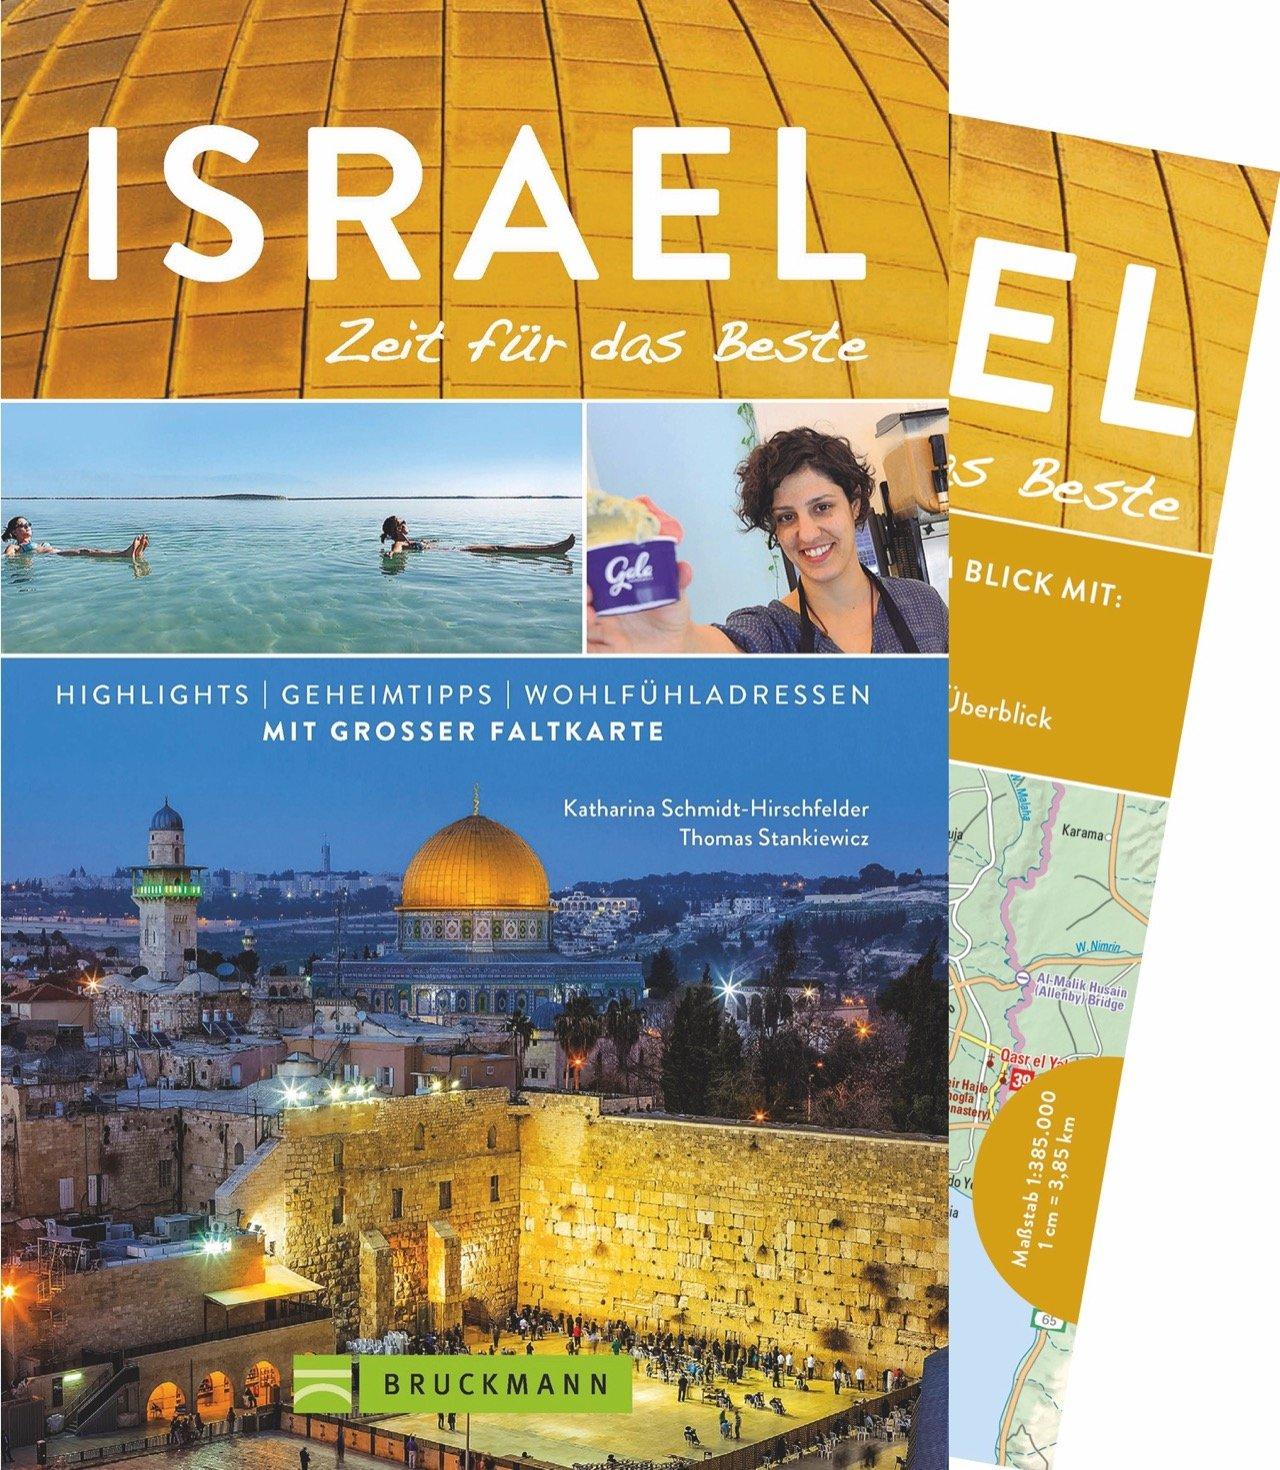 Bruckmann Reiseführer Israel: Zeit für das Beste. Highlights, Geheimtipps, Wohlfühladressen. Inklusive Faltkarte zum Herausnehmen. NEU 2018